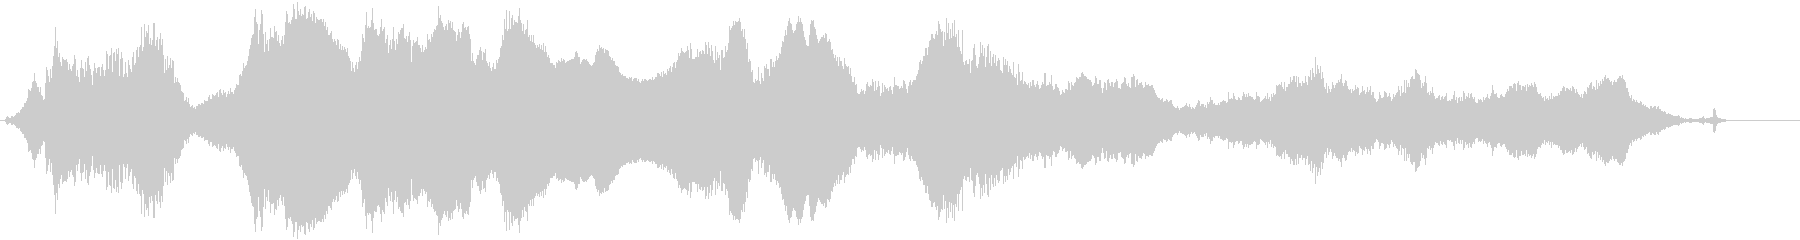 ドライアイス;不気味なスローメタル...の未再生の波形